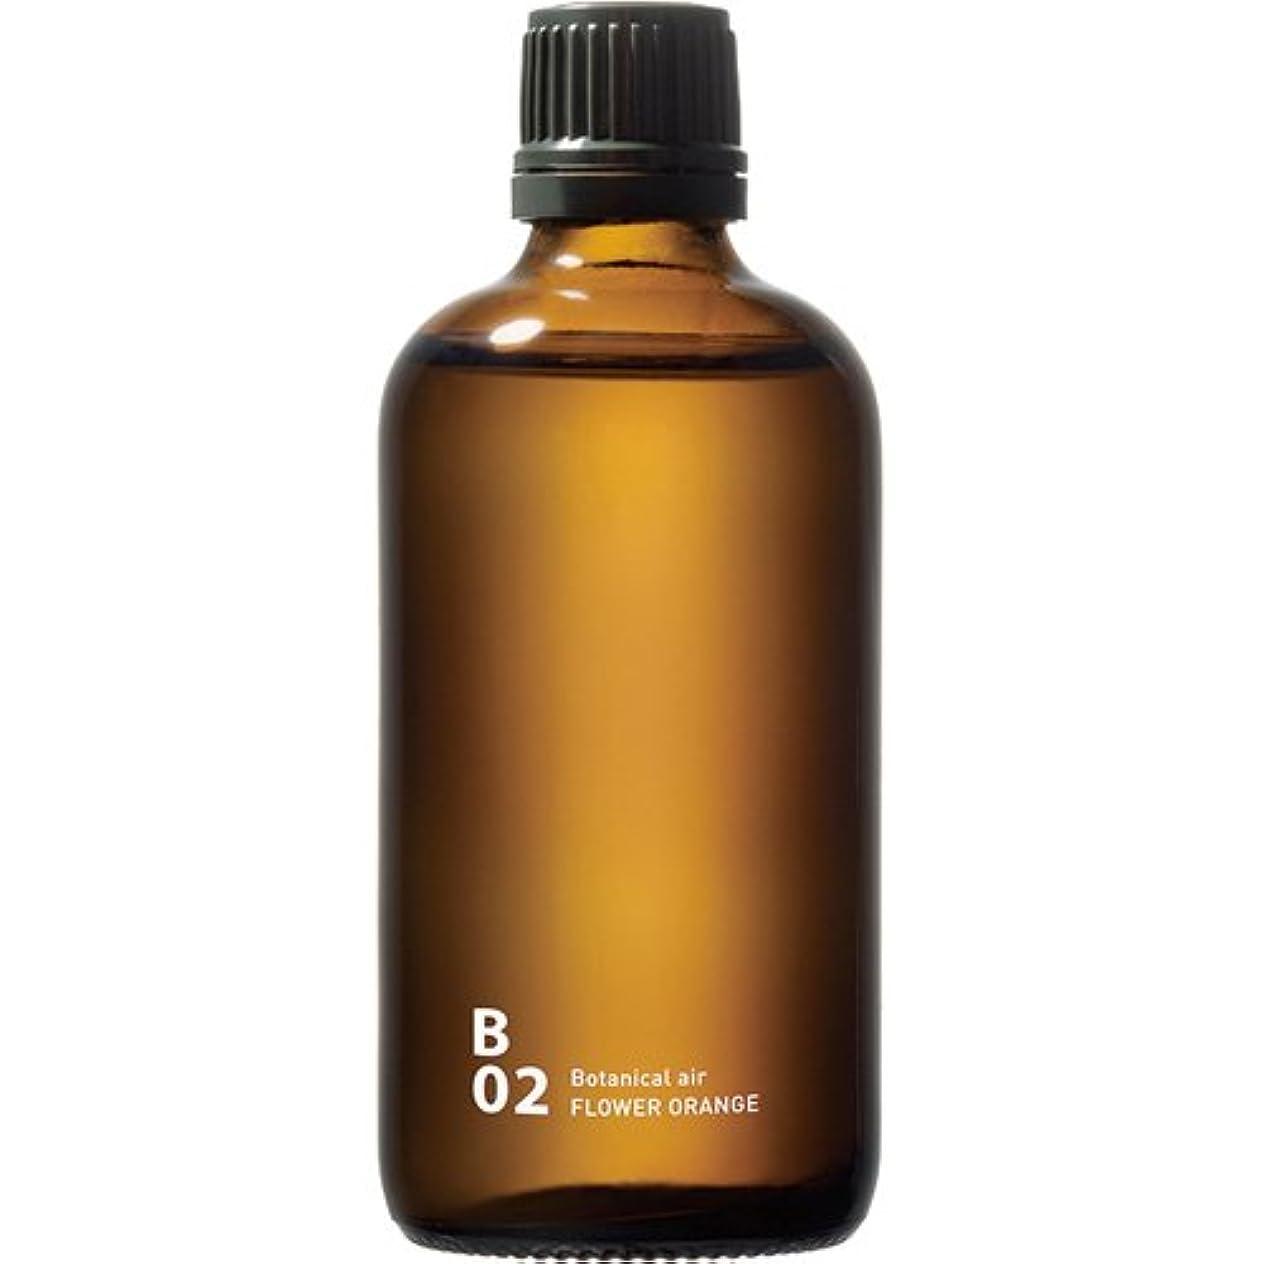 詳細にインタネットを見る千B02 FLOWER ORANGE piezo aroma oil 100ml